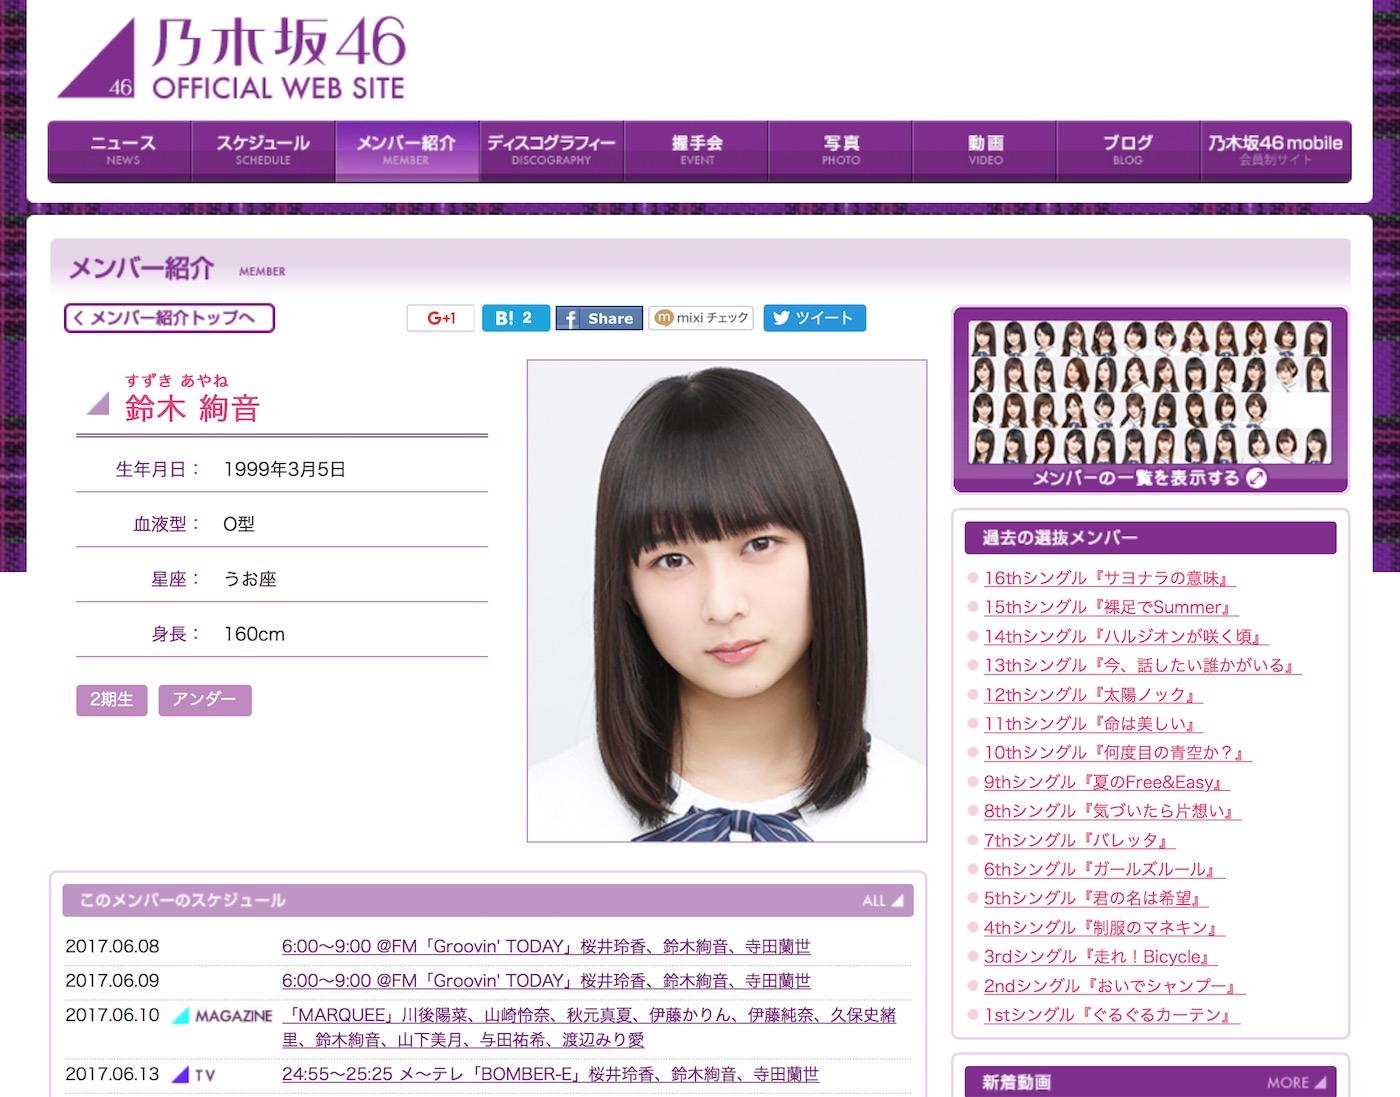 鈴木 絢音|メンバー紹介|乃木坂46公式サイト